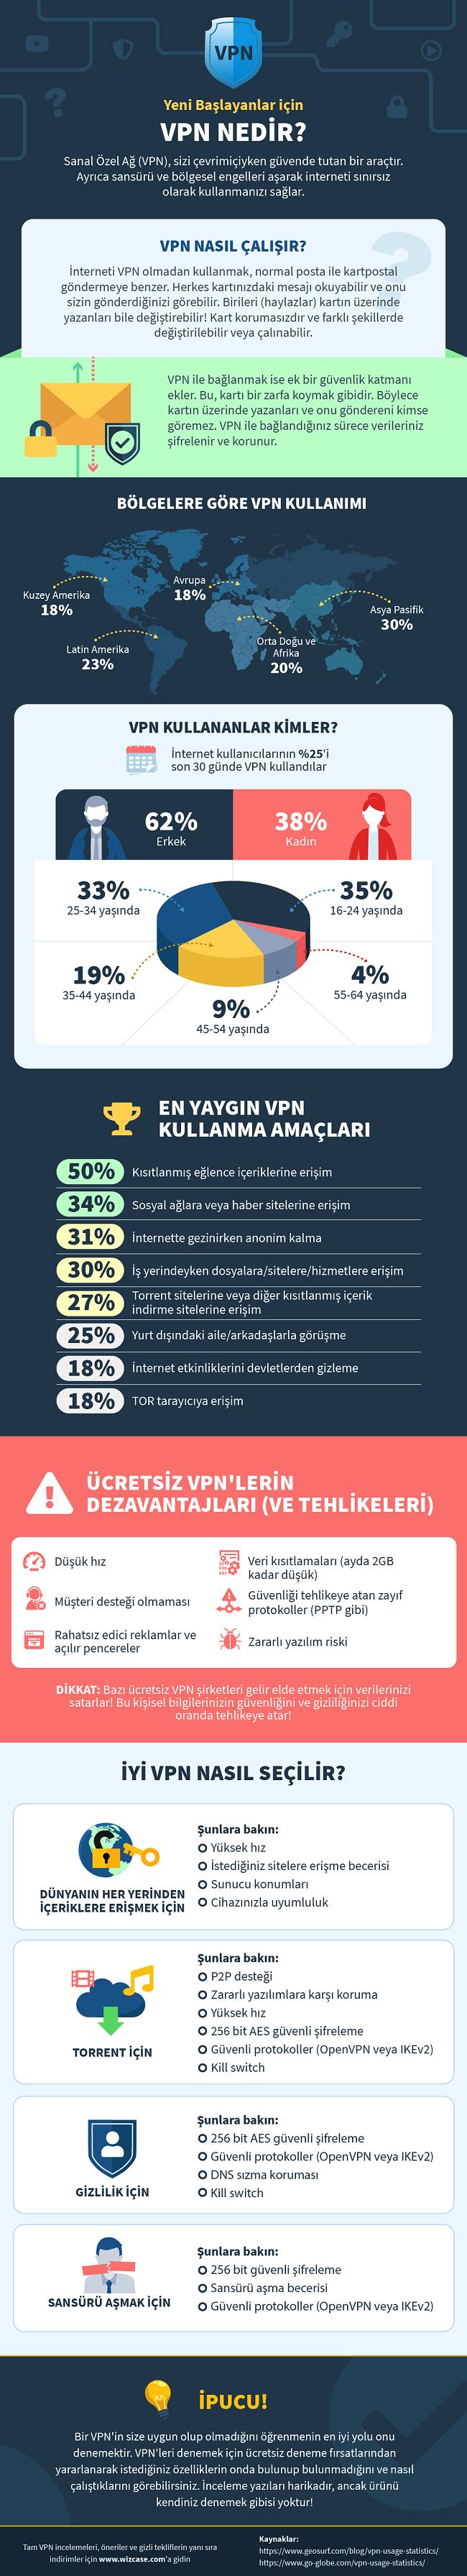 vpn nedir hakkında Infographic